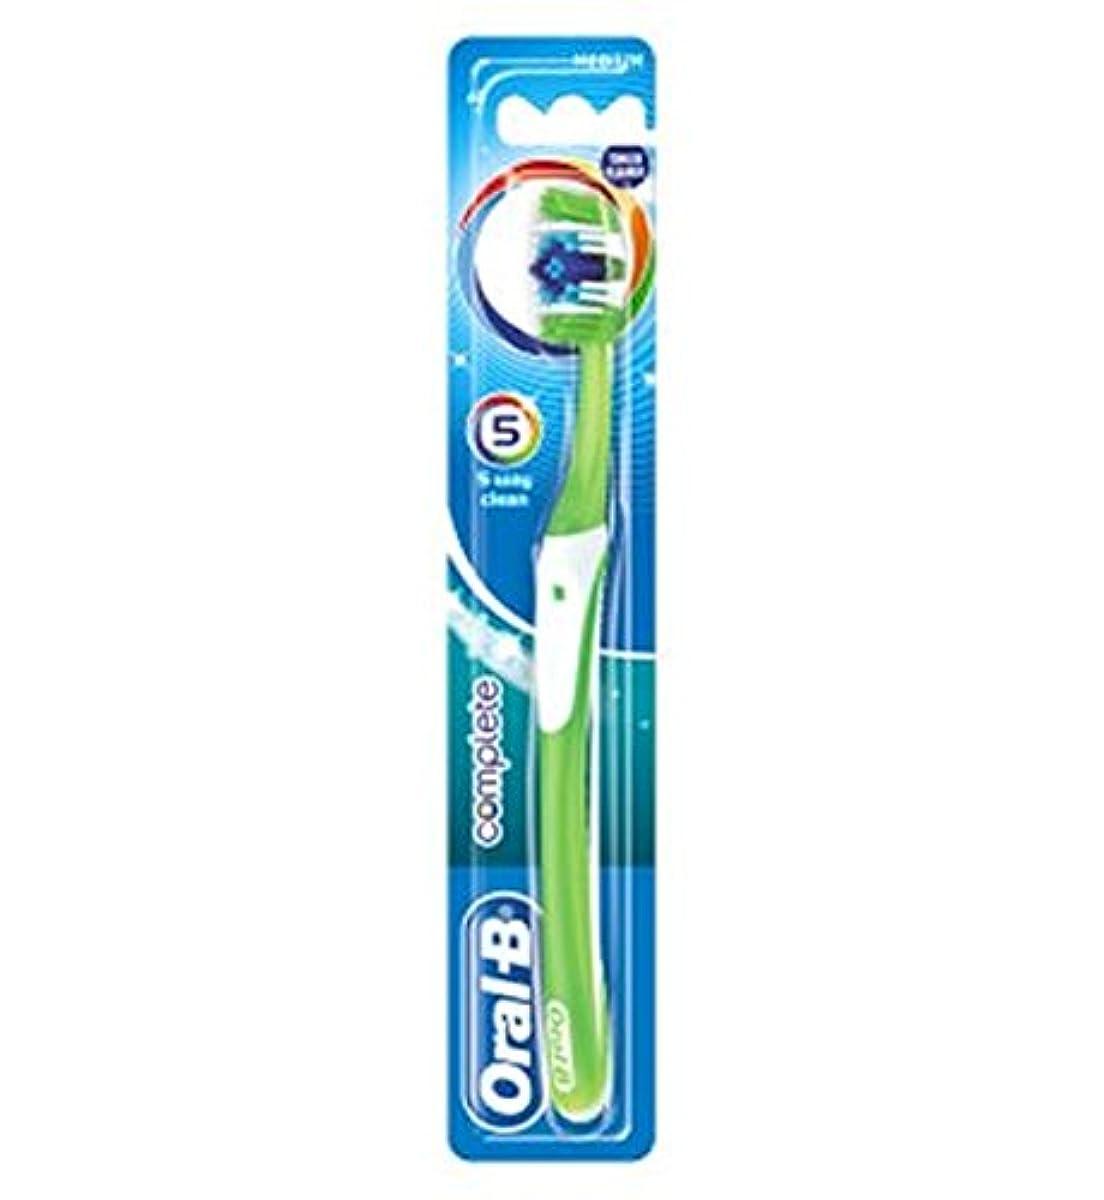 劣る努力するマリンOral-B Complete 5 Way Clean Medium Manual Toothbrush - オーラルBの完全な5道クリーンなメディアの手動歯ブラシ (Oral B) [並行輸入品]